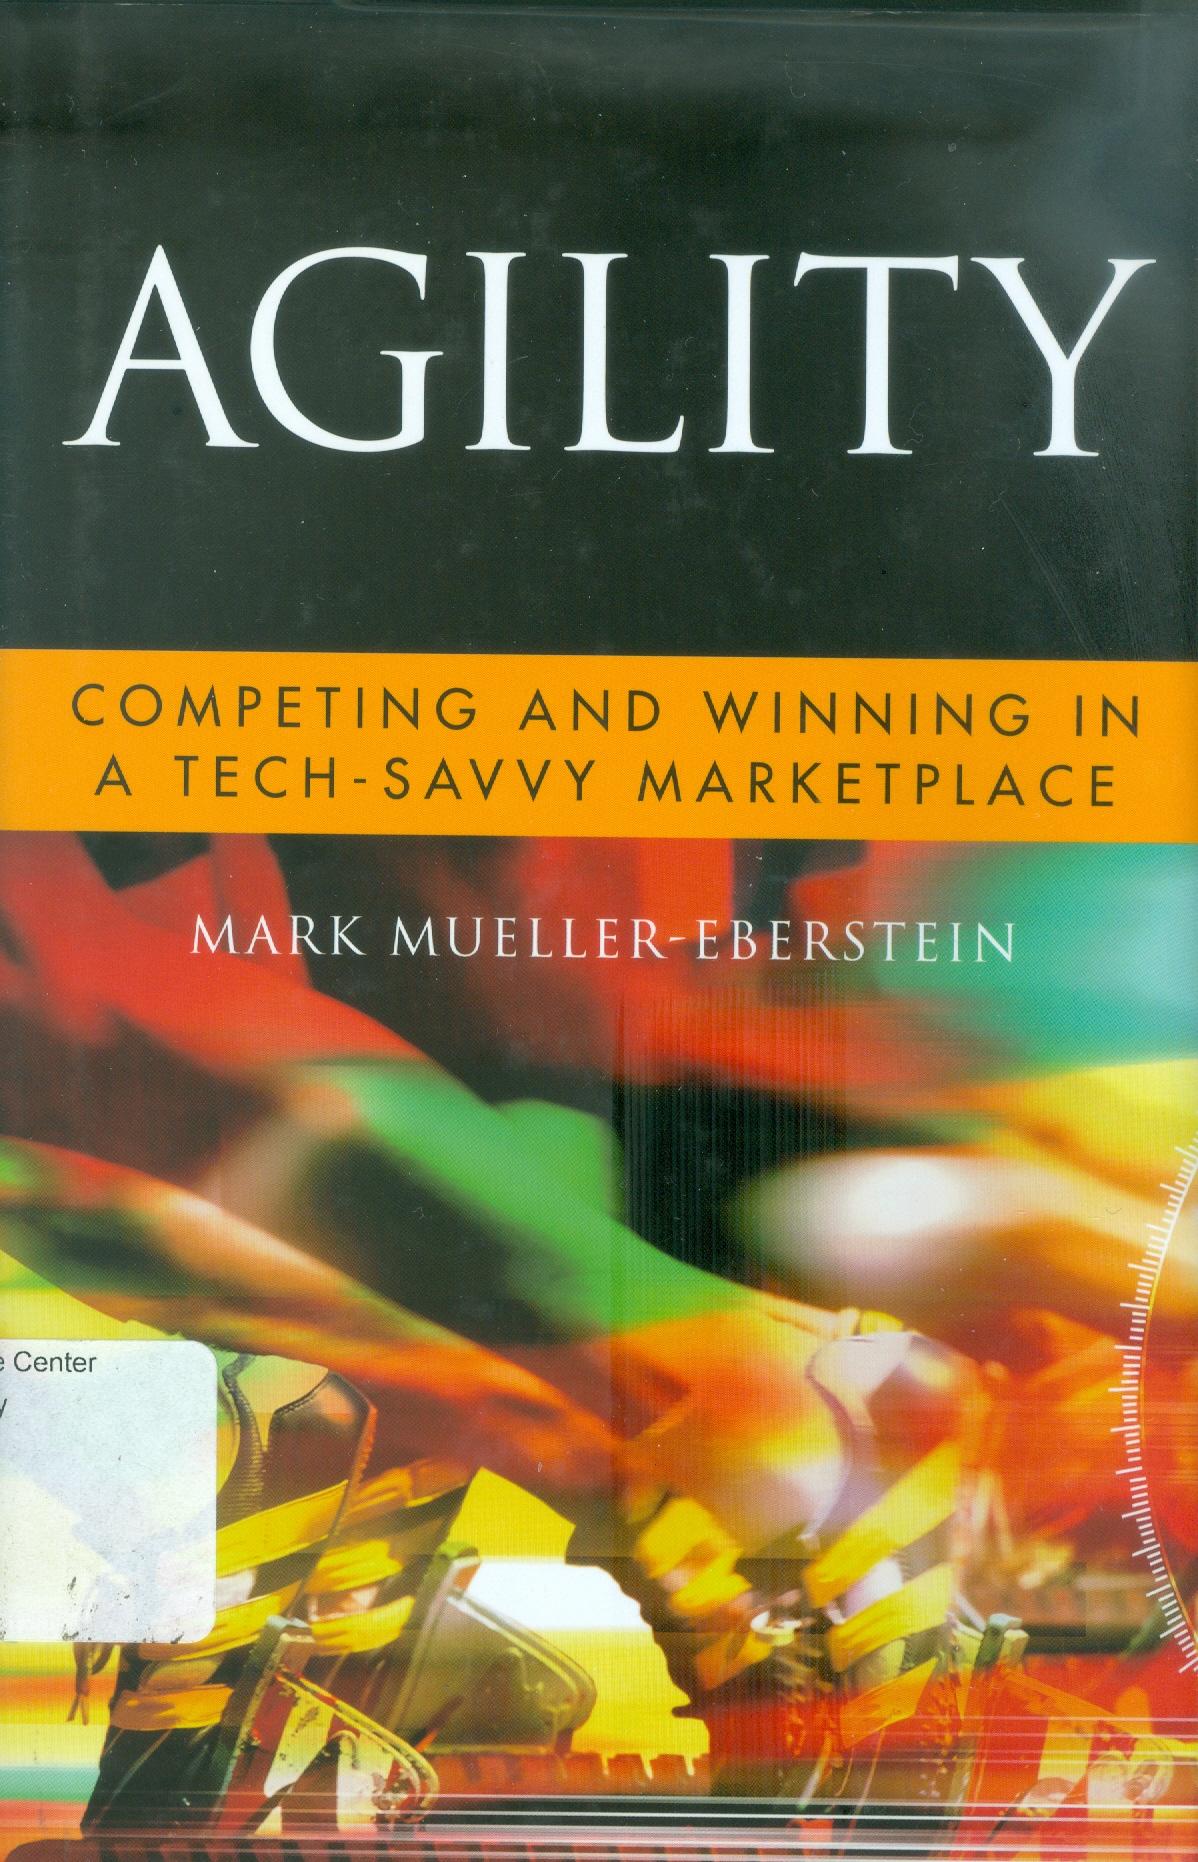 agility0001.jpg